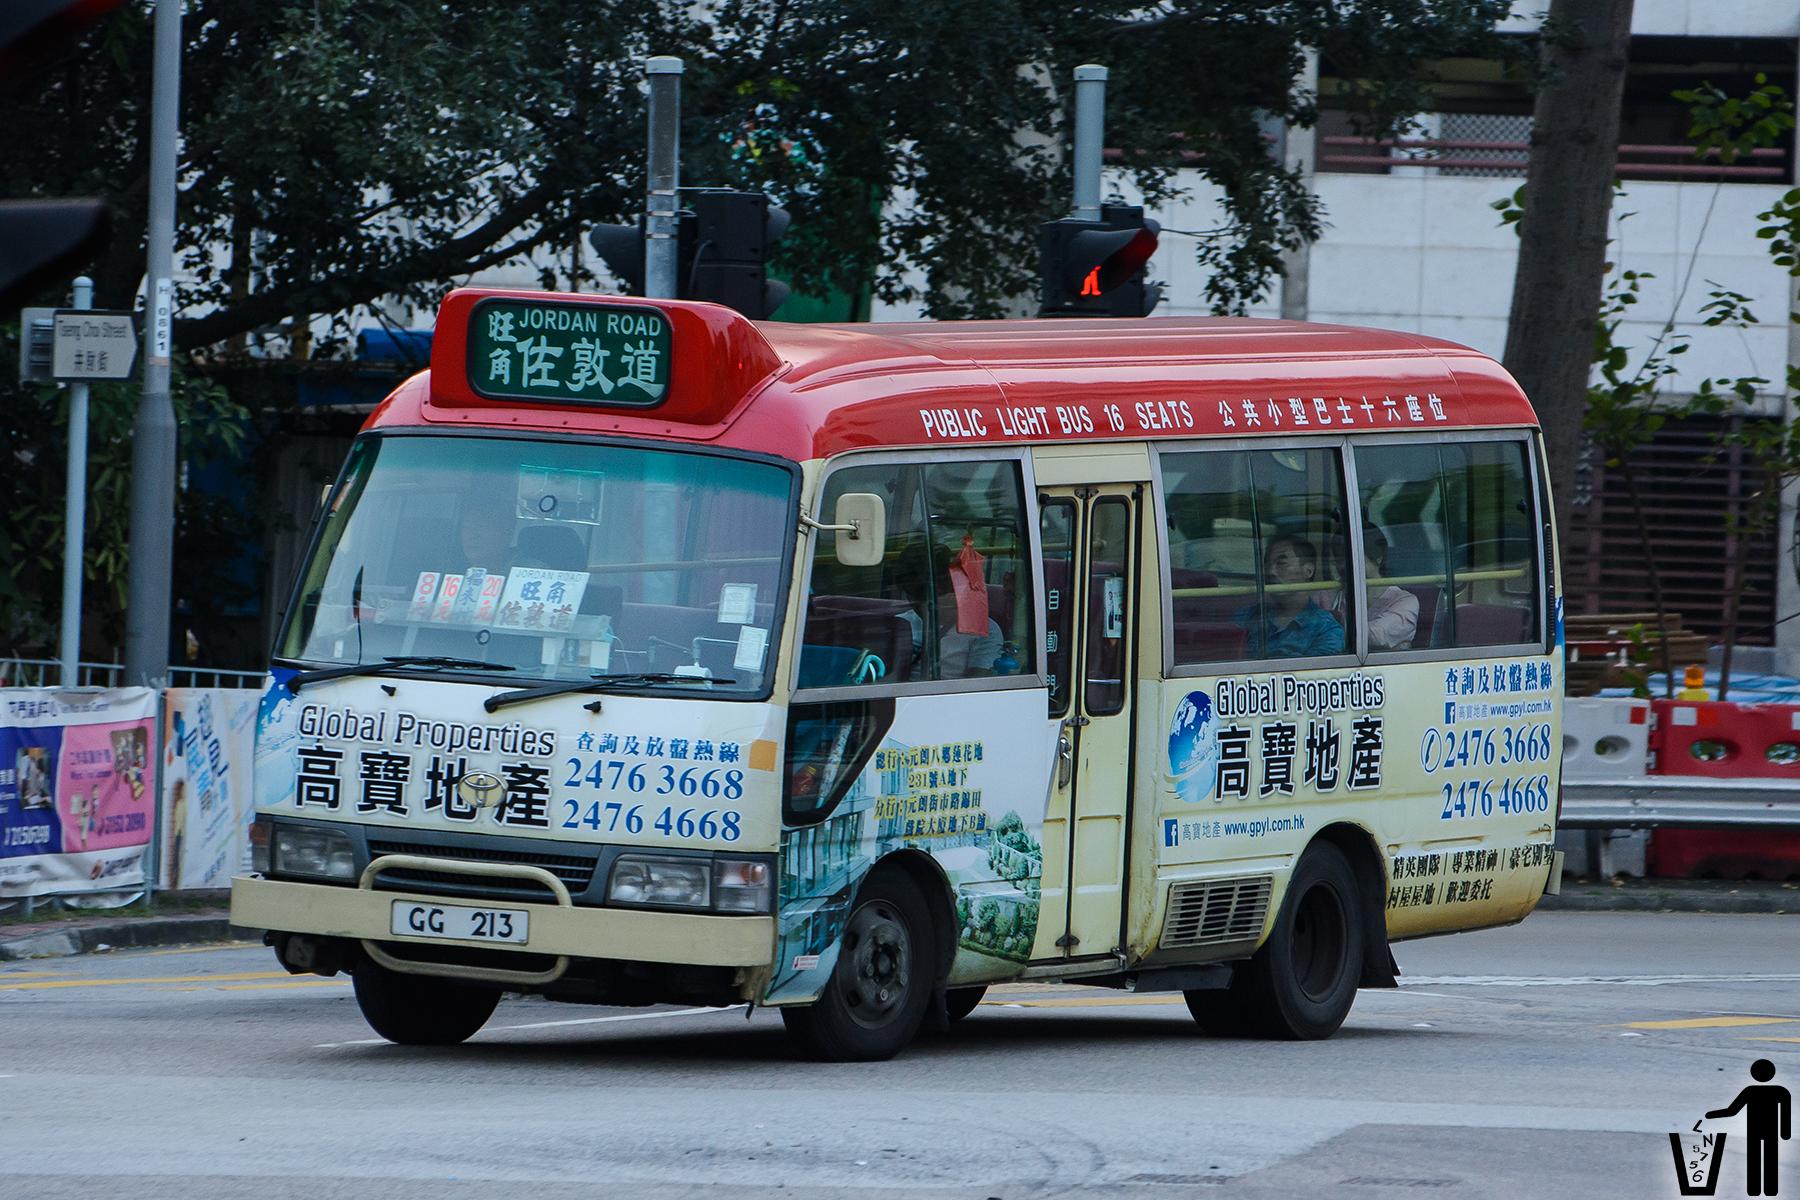 公共小巴佐敦道至元朗線